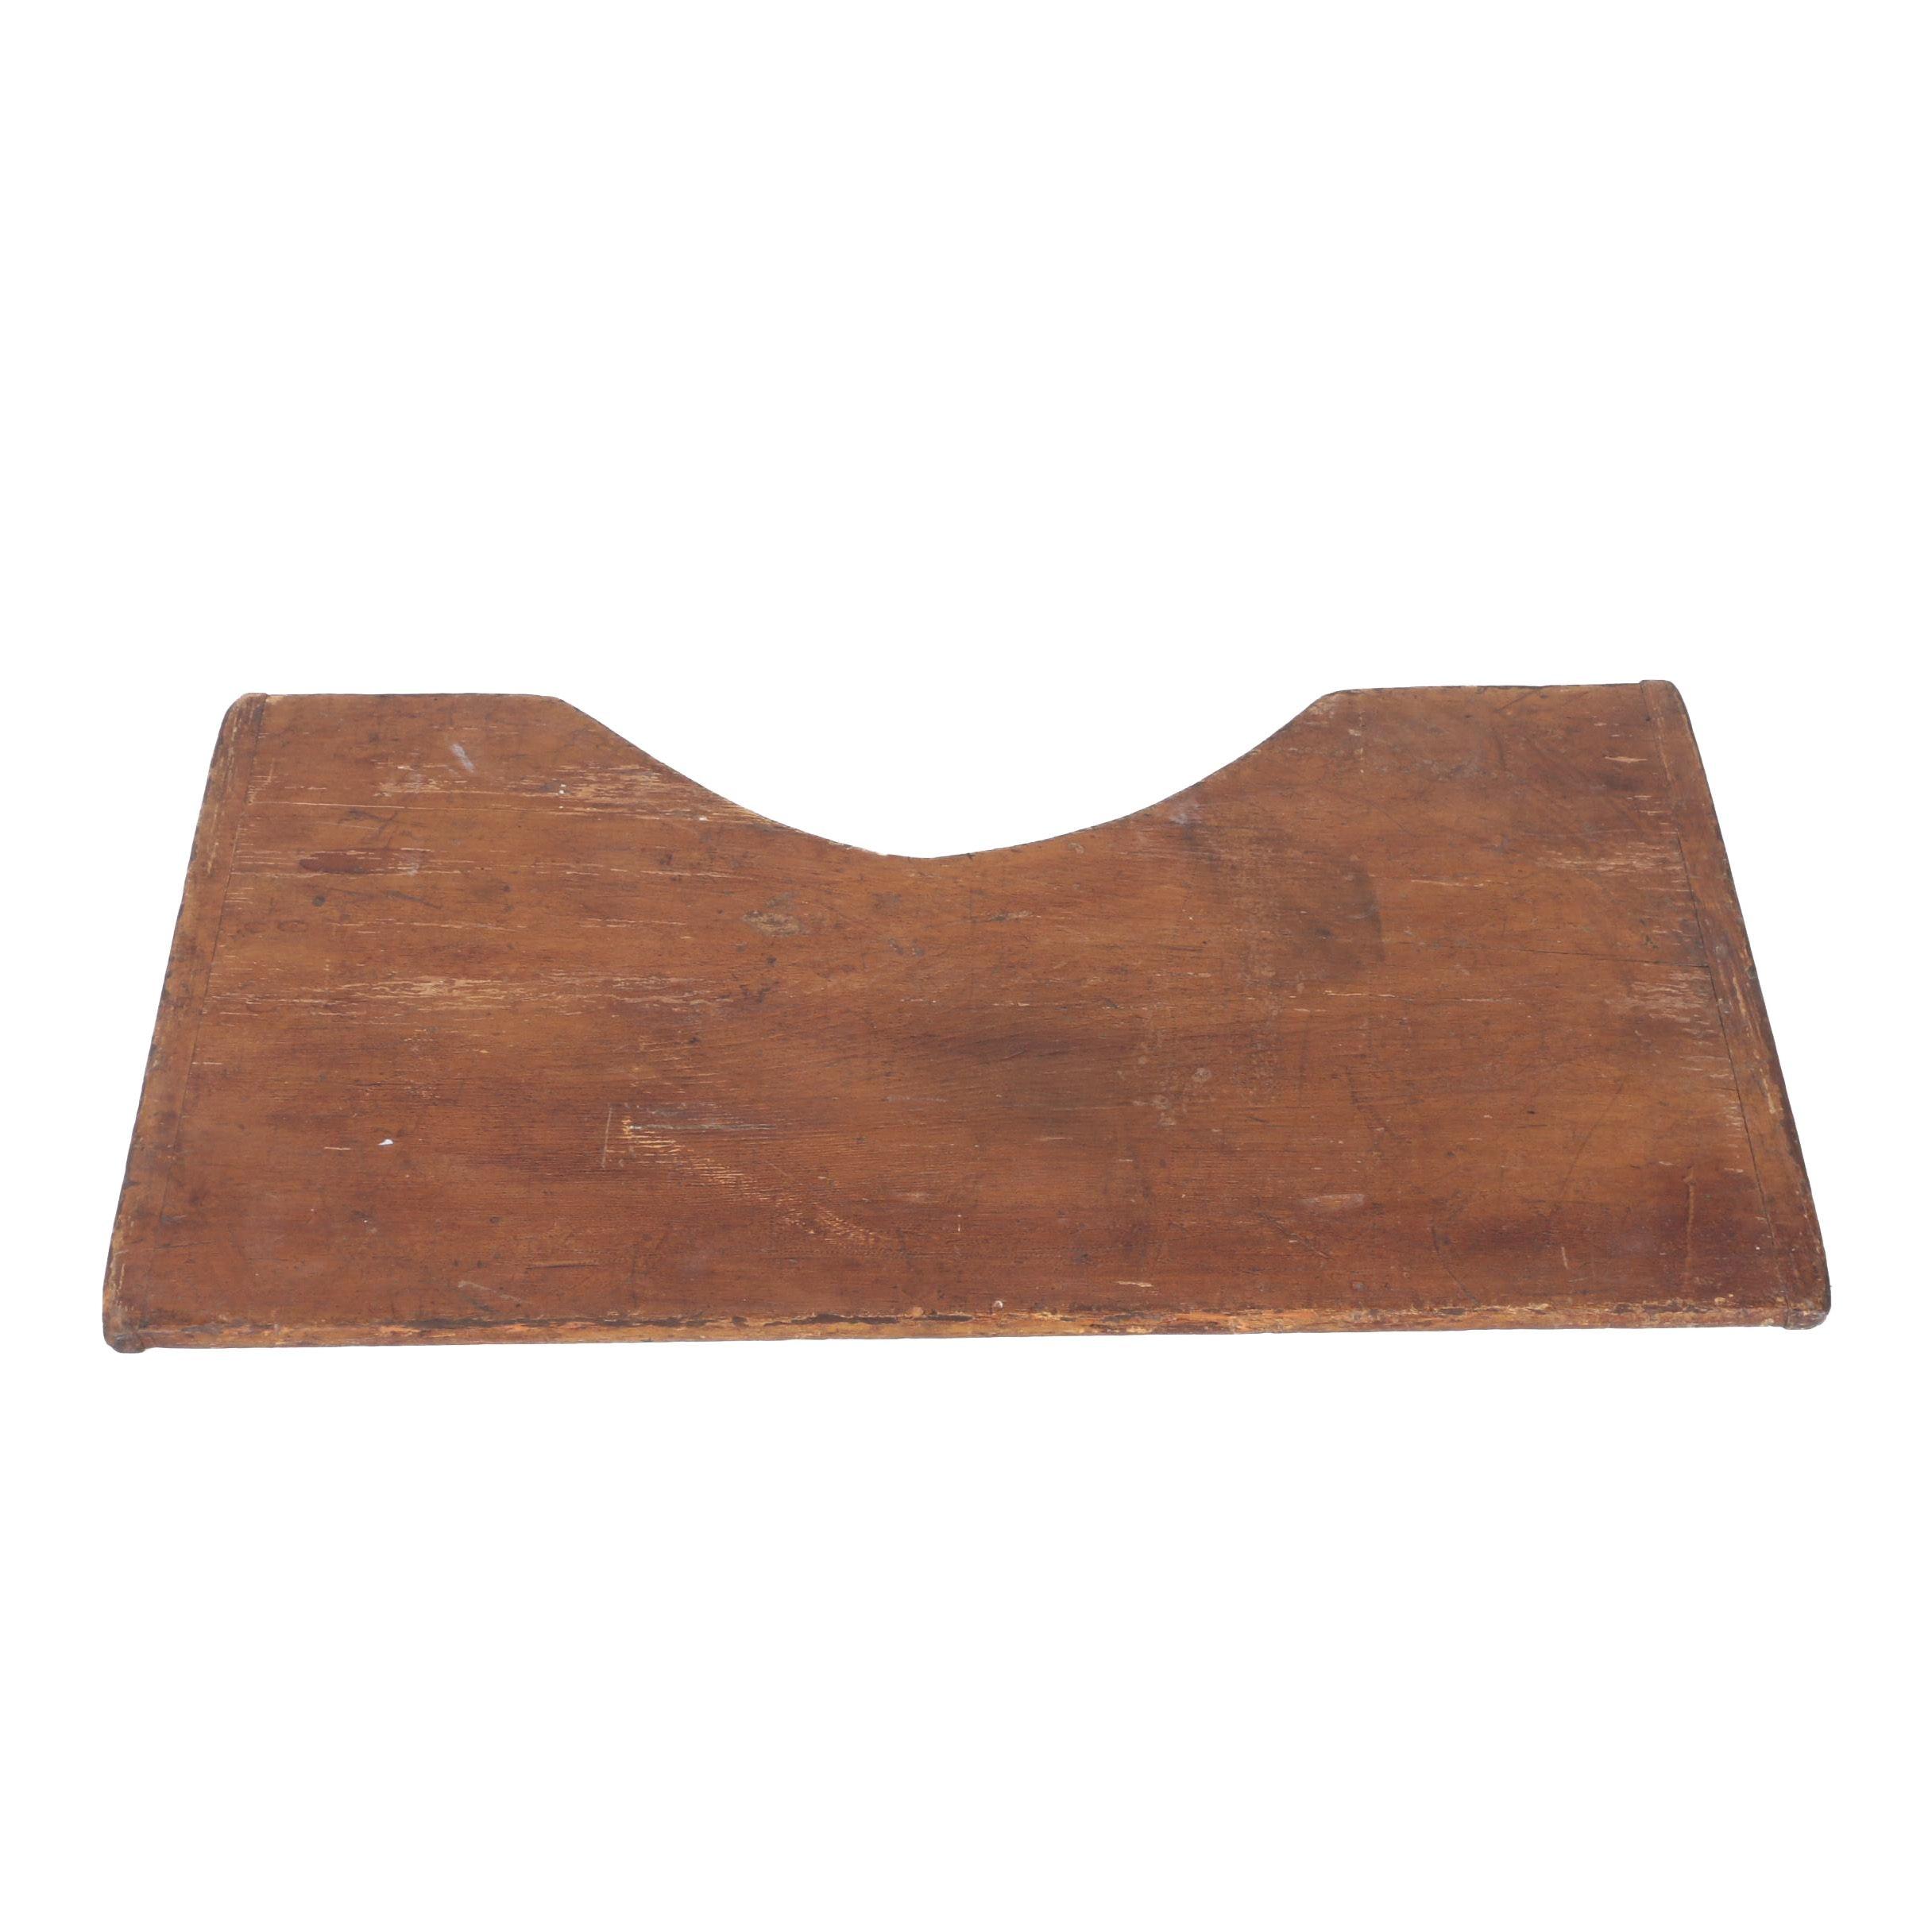 Vintage Wooden Lap Desk